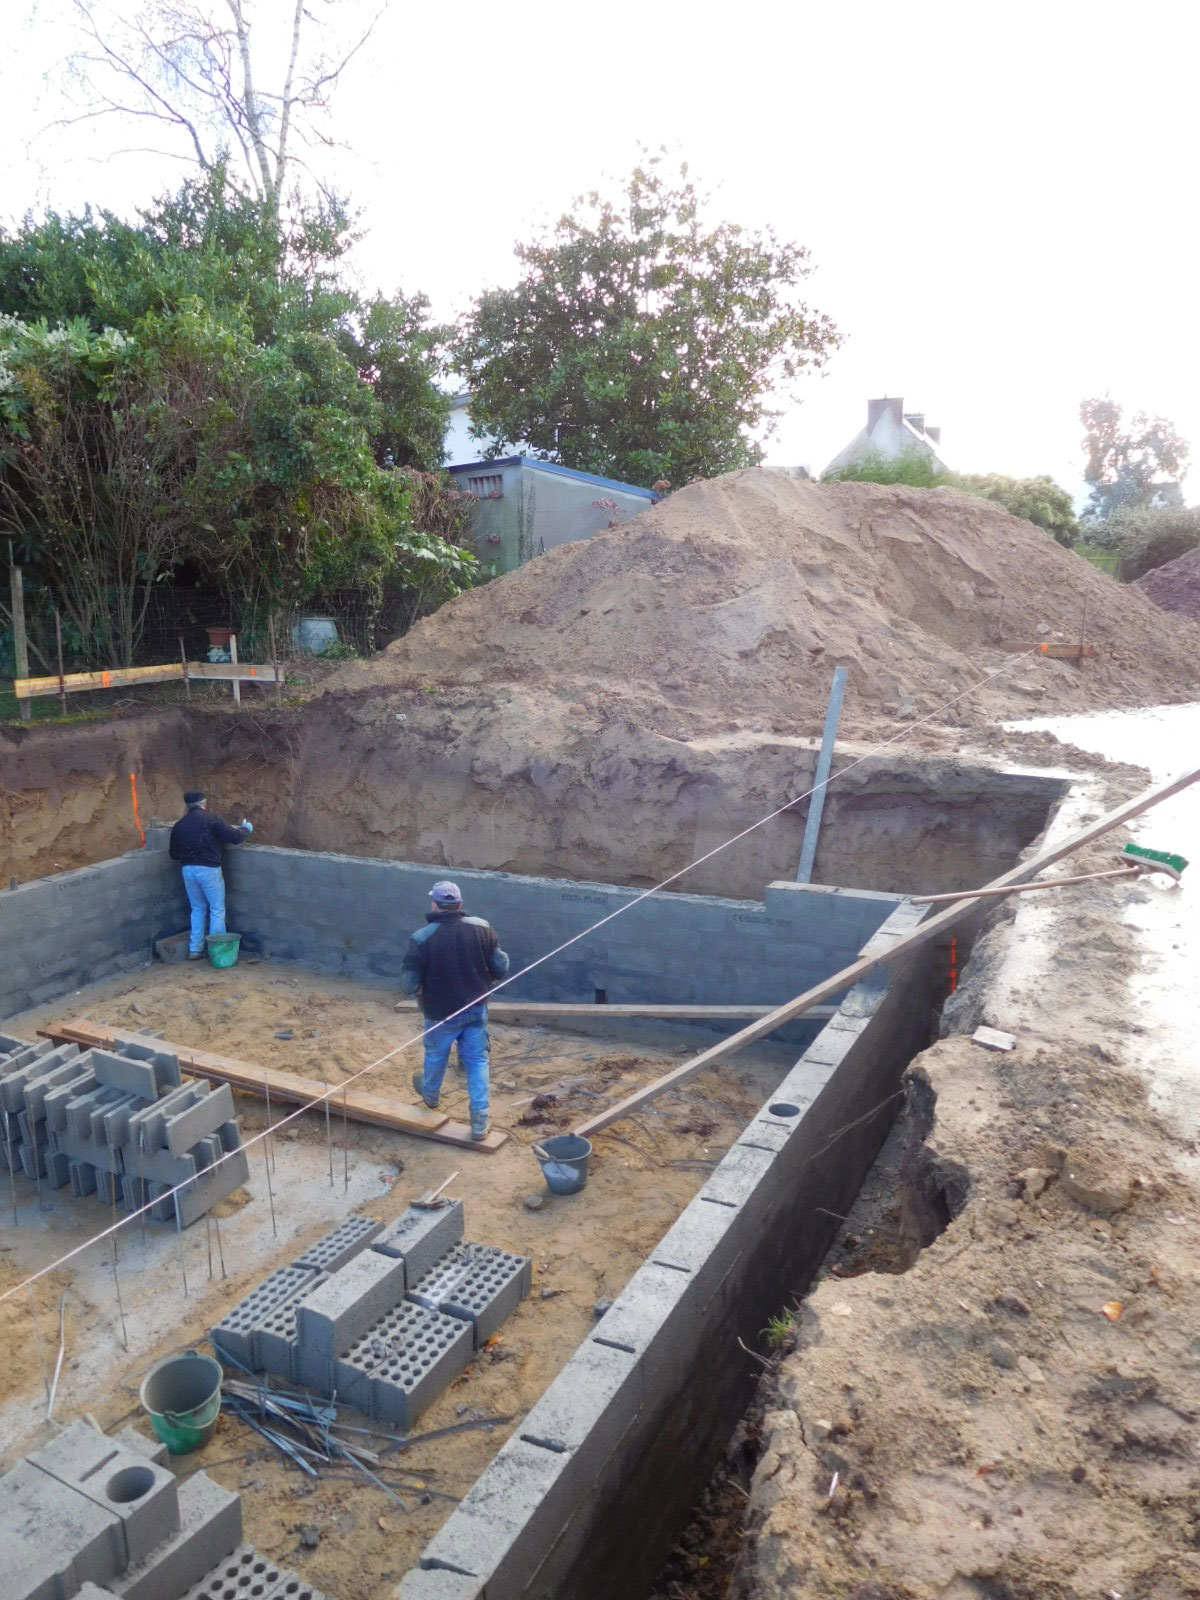 Projet n 29 construction d une piscine couverte for Construction piscine couverte